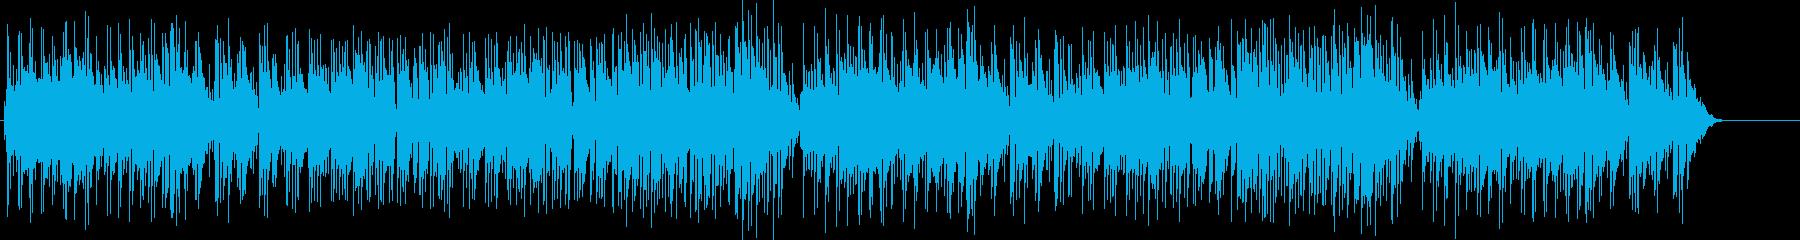 切ない感動的なスローバラードの再生済みの波形